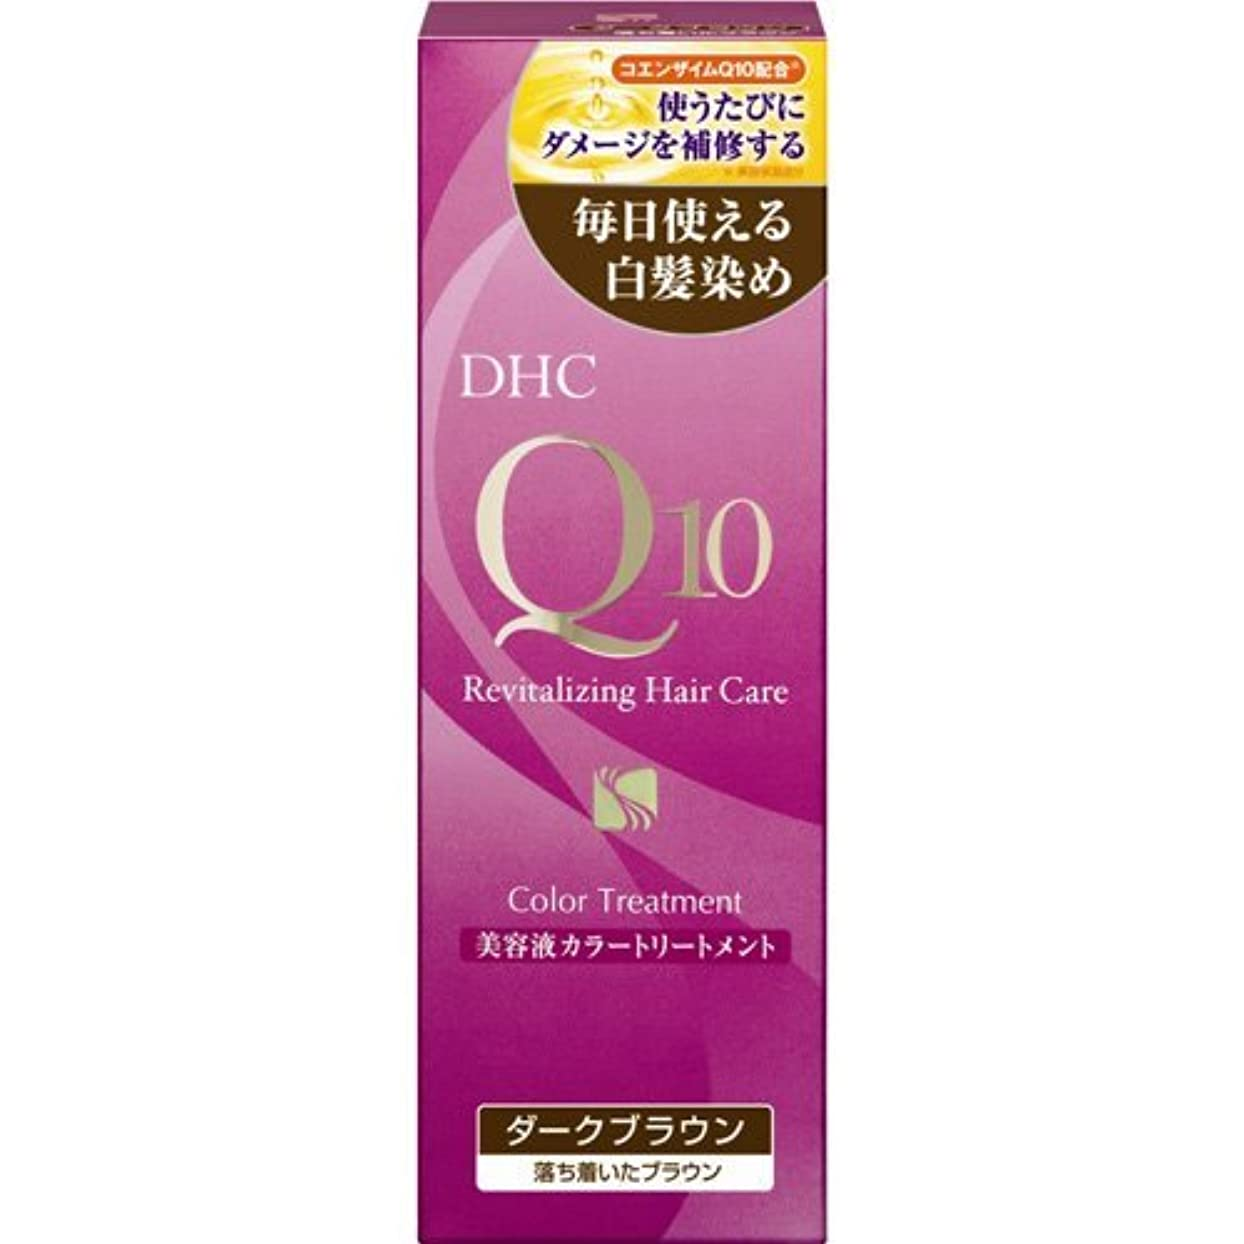 再生的全部作家【まとめ買い】DHC Q10美溶液カラートリートメントDブラウンSS170g ×4個